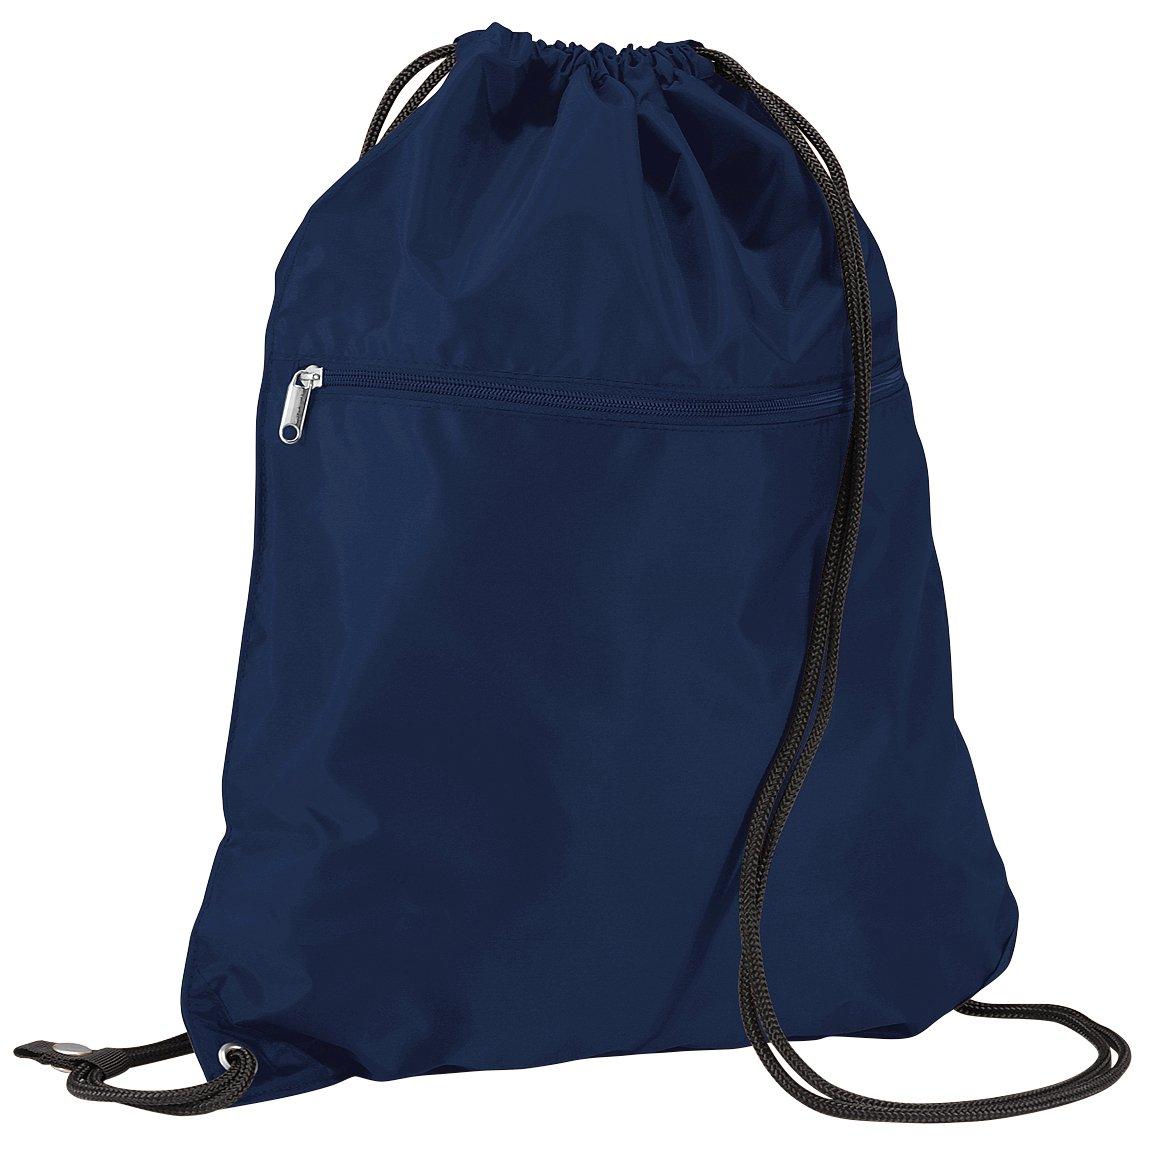 Quadra - Mochila saco o de cuerdas Impermeable/resistente al agua Modelo Enhanced-Vis Junior Deporte/Gimnasio (14 litros)